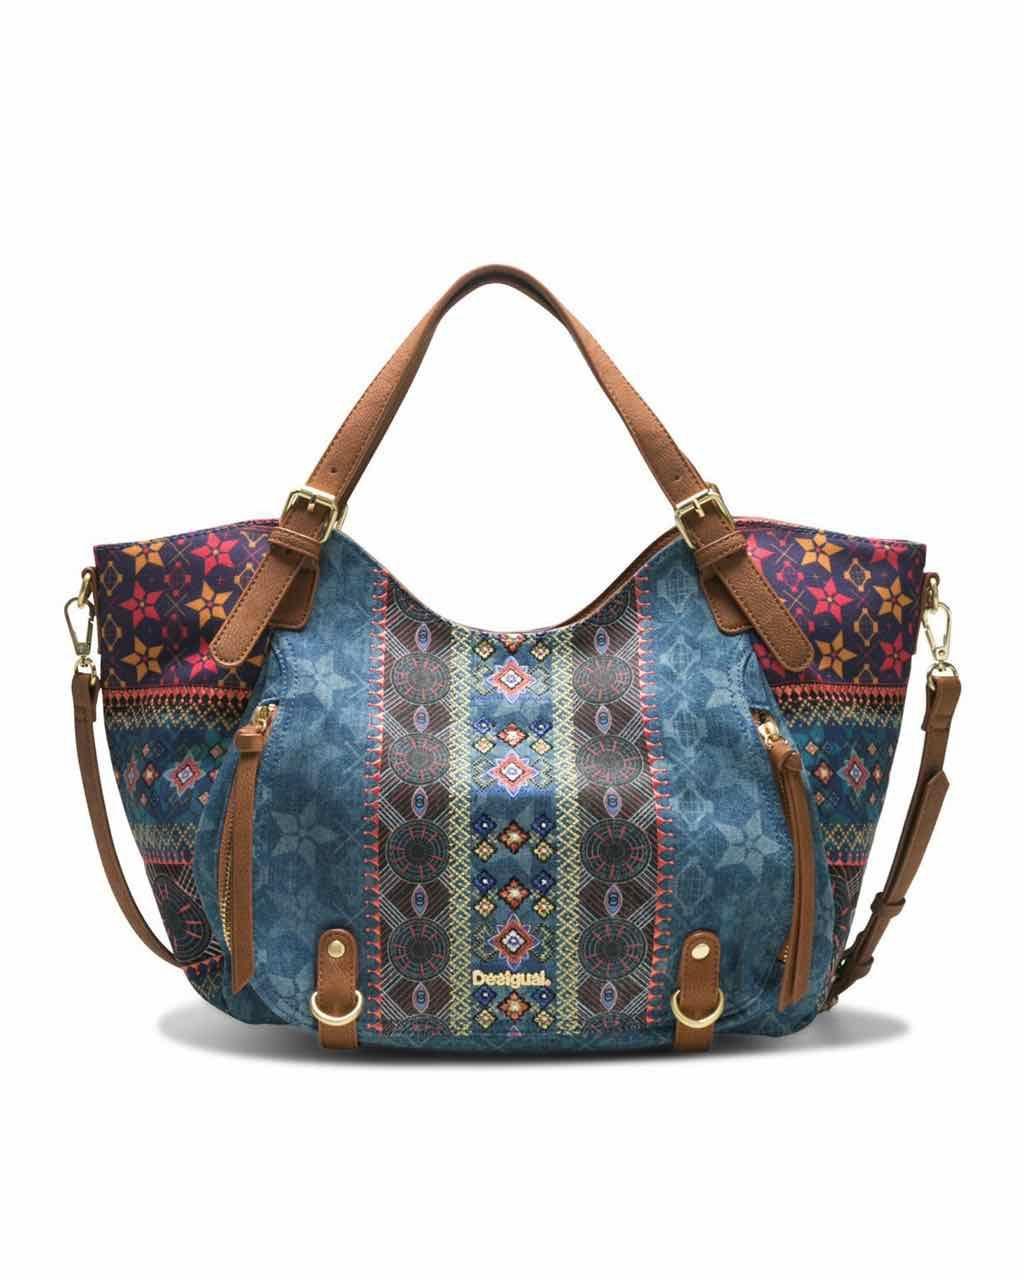 DESIGUAL Bag MYSTIC ROTTERDAM 18SAXFAT Blue Ethnic  3bdbc621b47